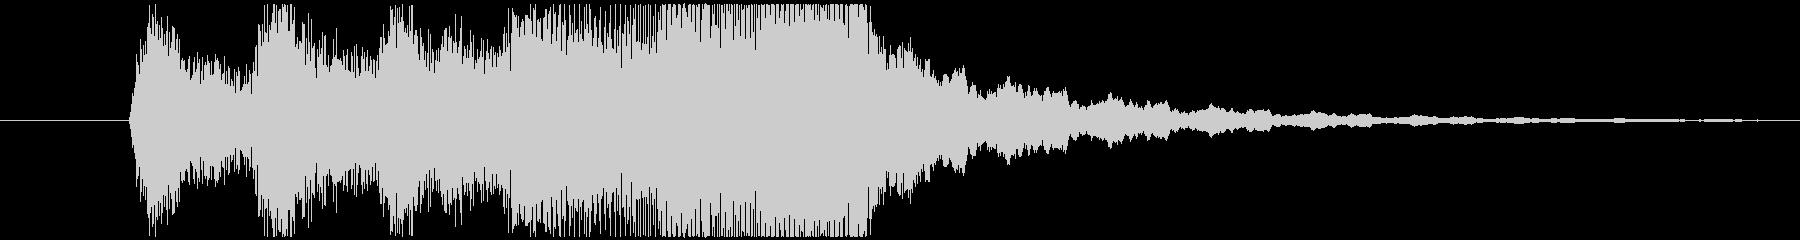 ストリングスによるジングルの未再生の波形